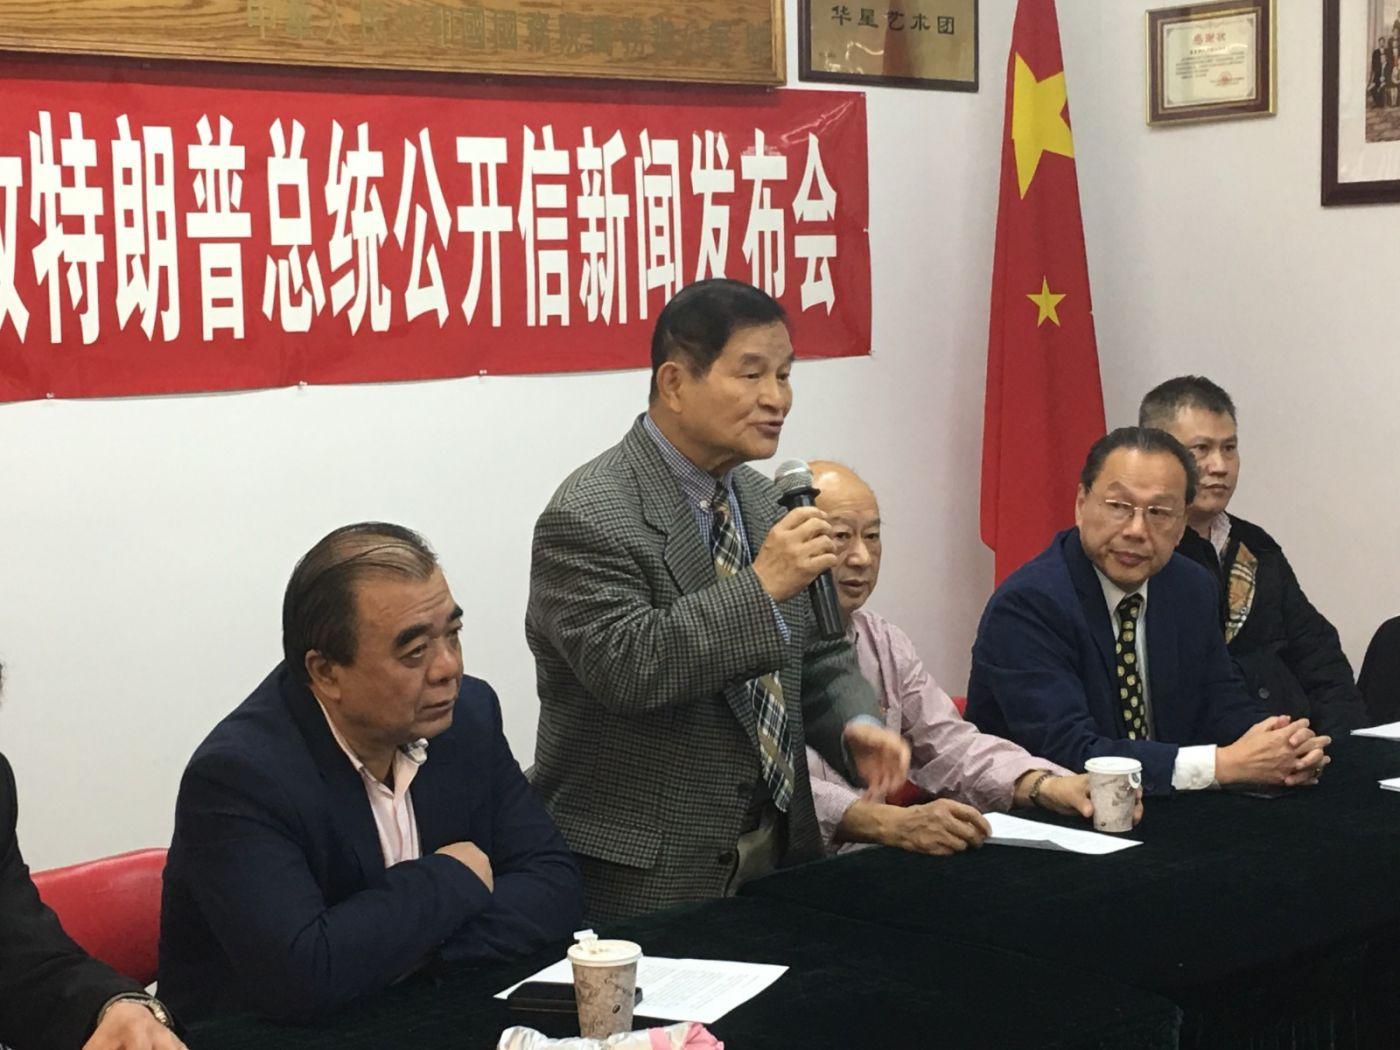 美東各界華僑華人致特朗普總統公開信新聞發佈會_图1-6